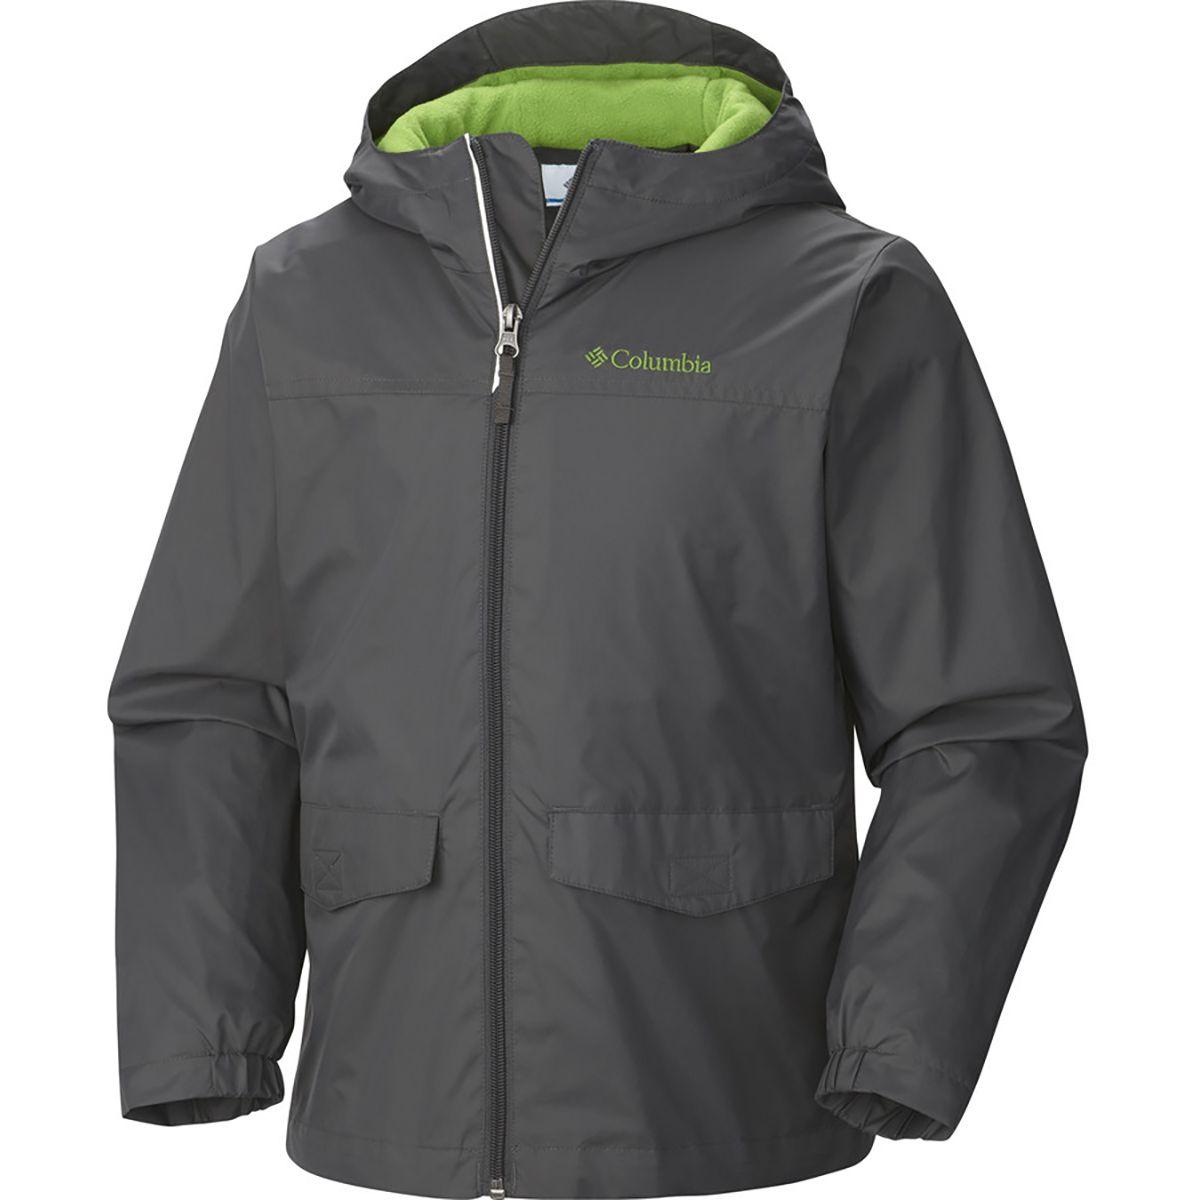 Columbia Boy's rainzilla jacket